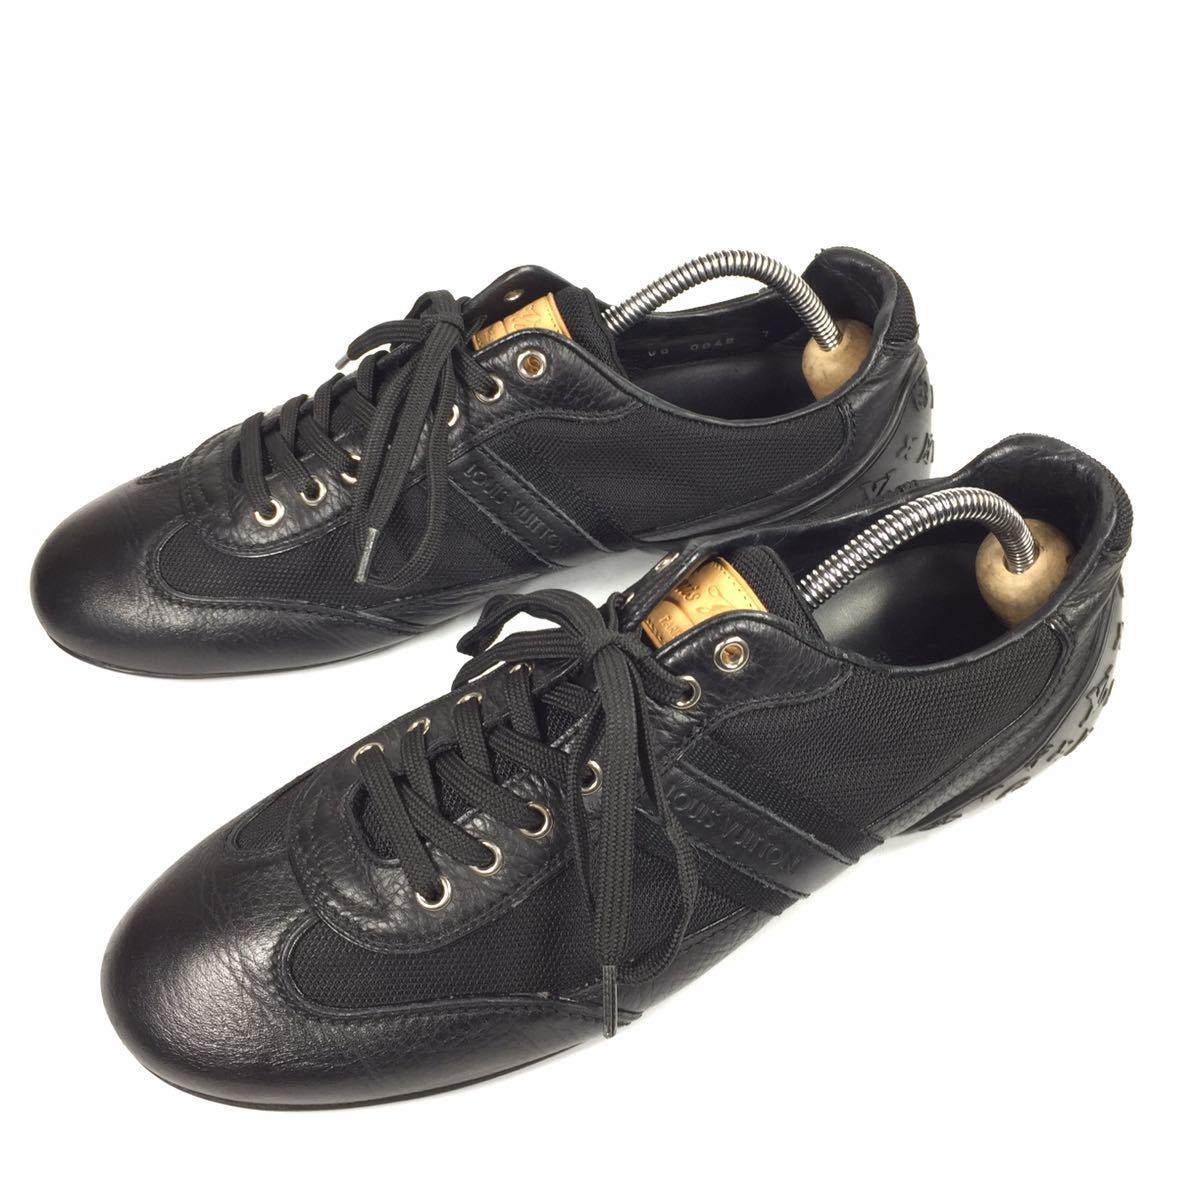 【ルイヴィトン】本物 LOUIS VUITTON 靴 26cm 黒 モノグラム スニーカー カジュアルシューズ 本革×化学繊維 レザー メンズ イタリア製 7_画像1